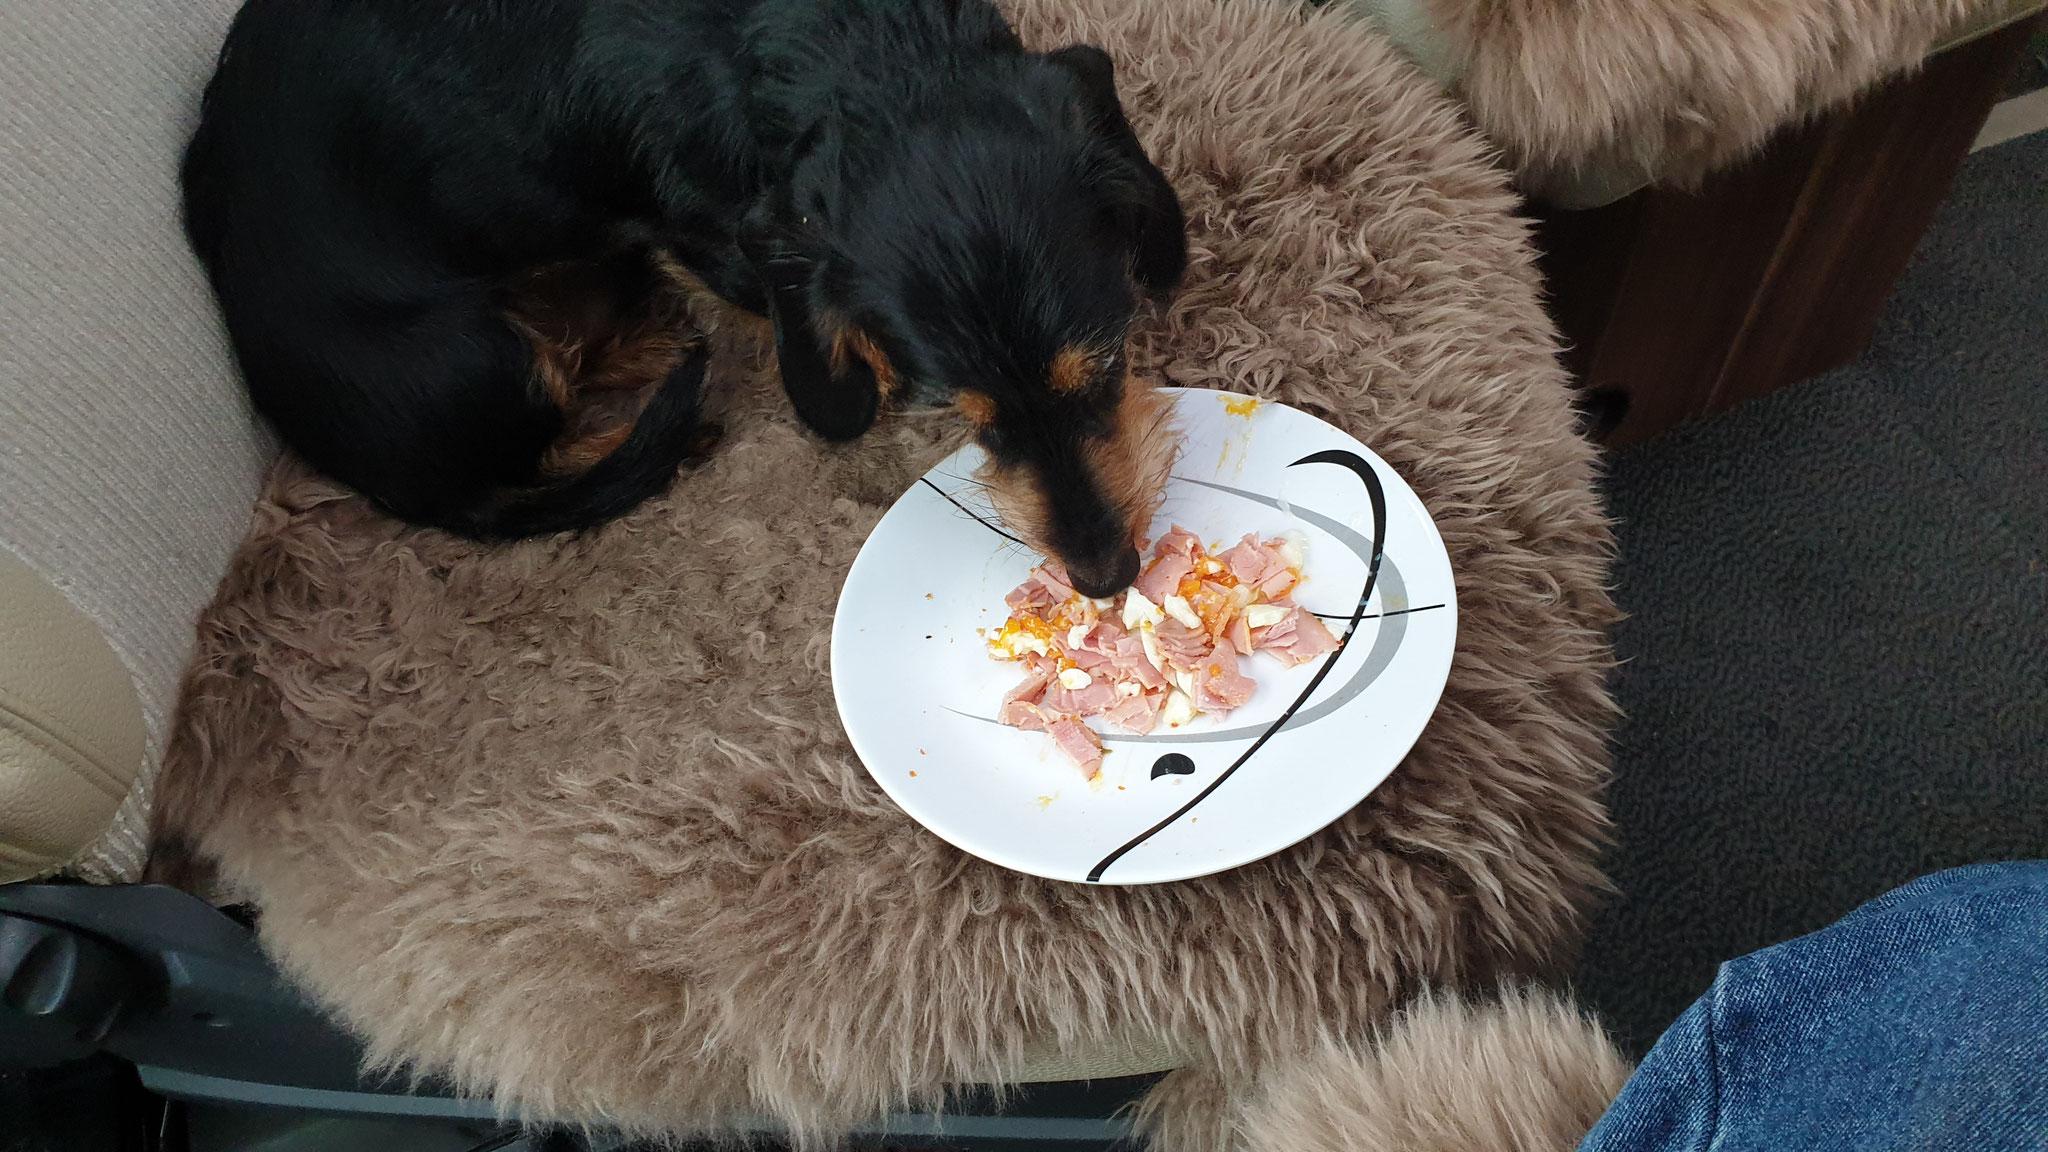 Selbst Wilson & Olly bekommen Schinken-Ei zum Frühstück